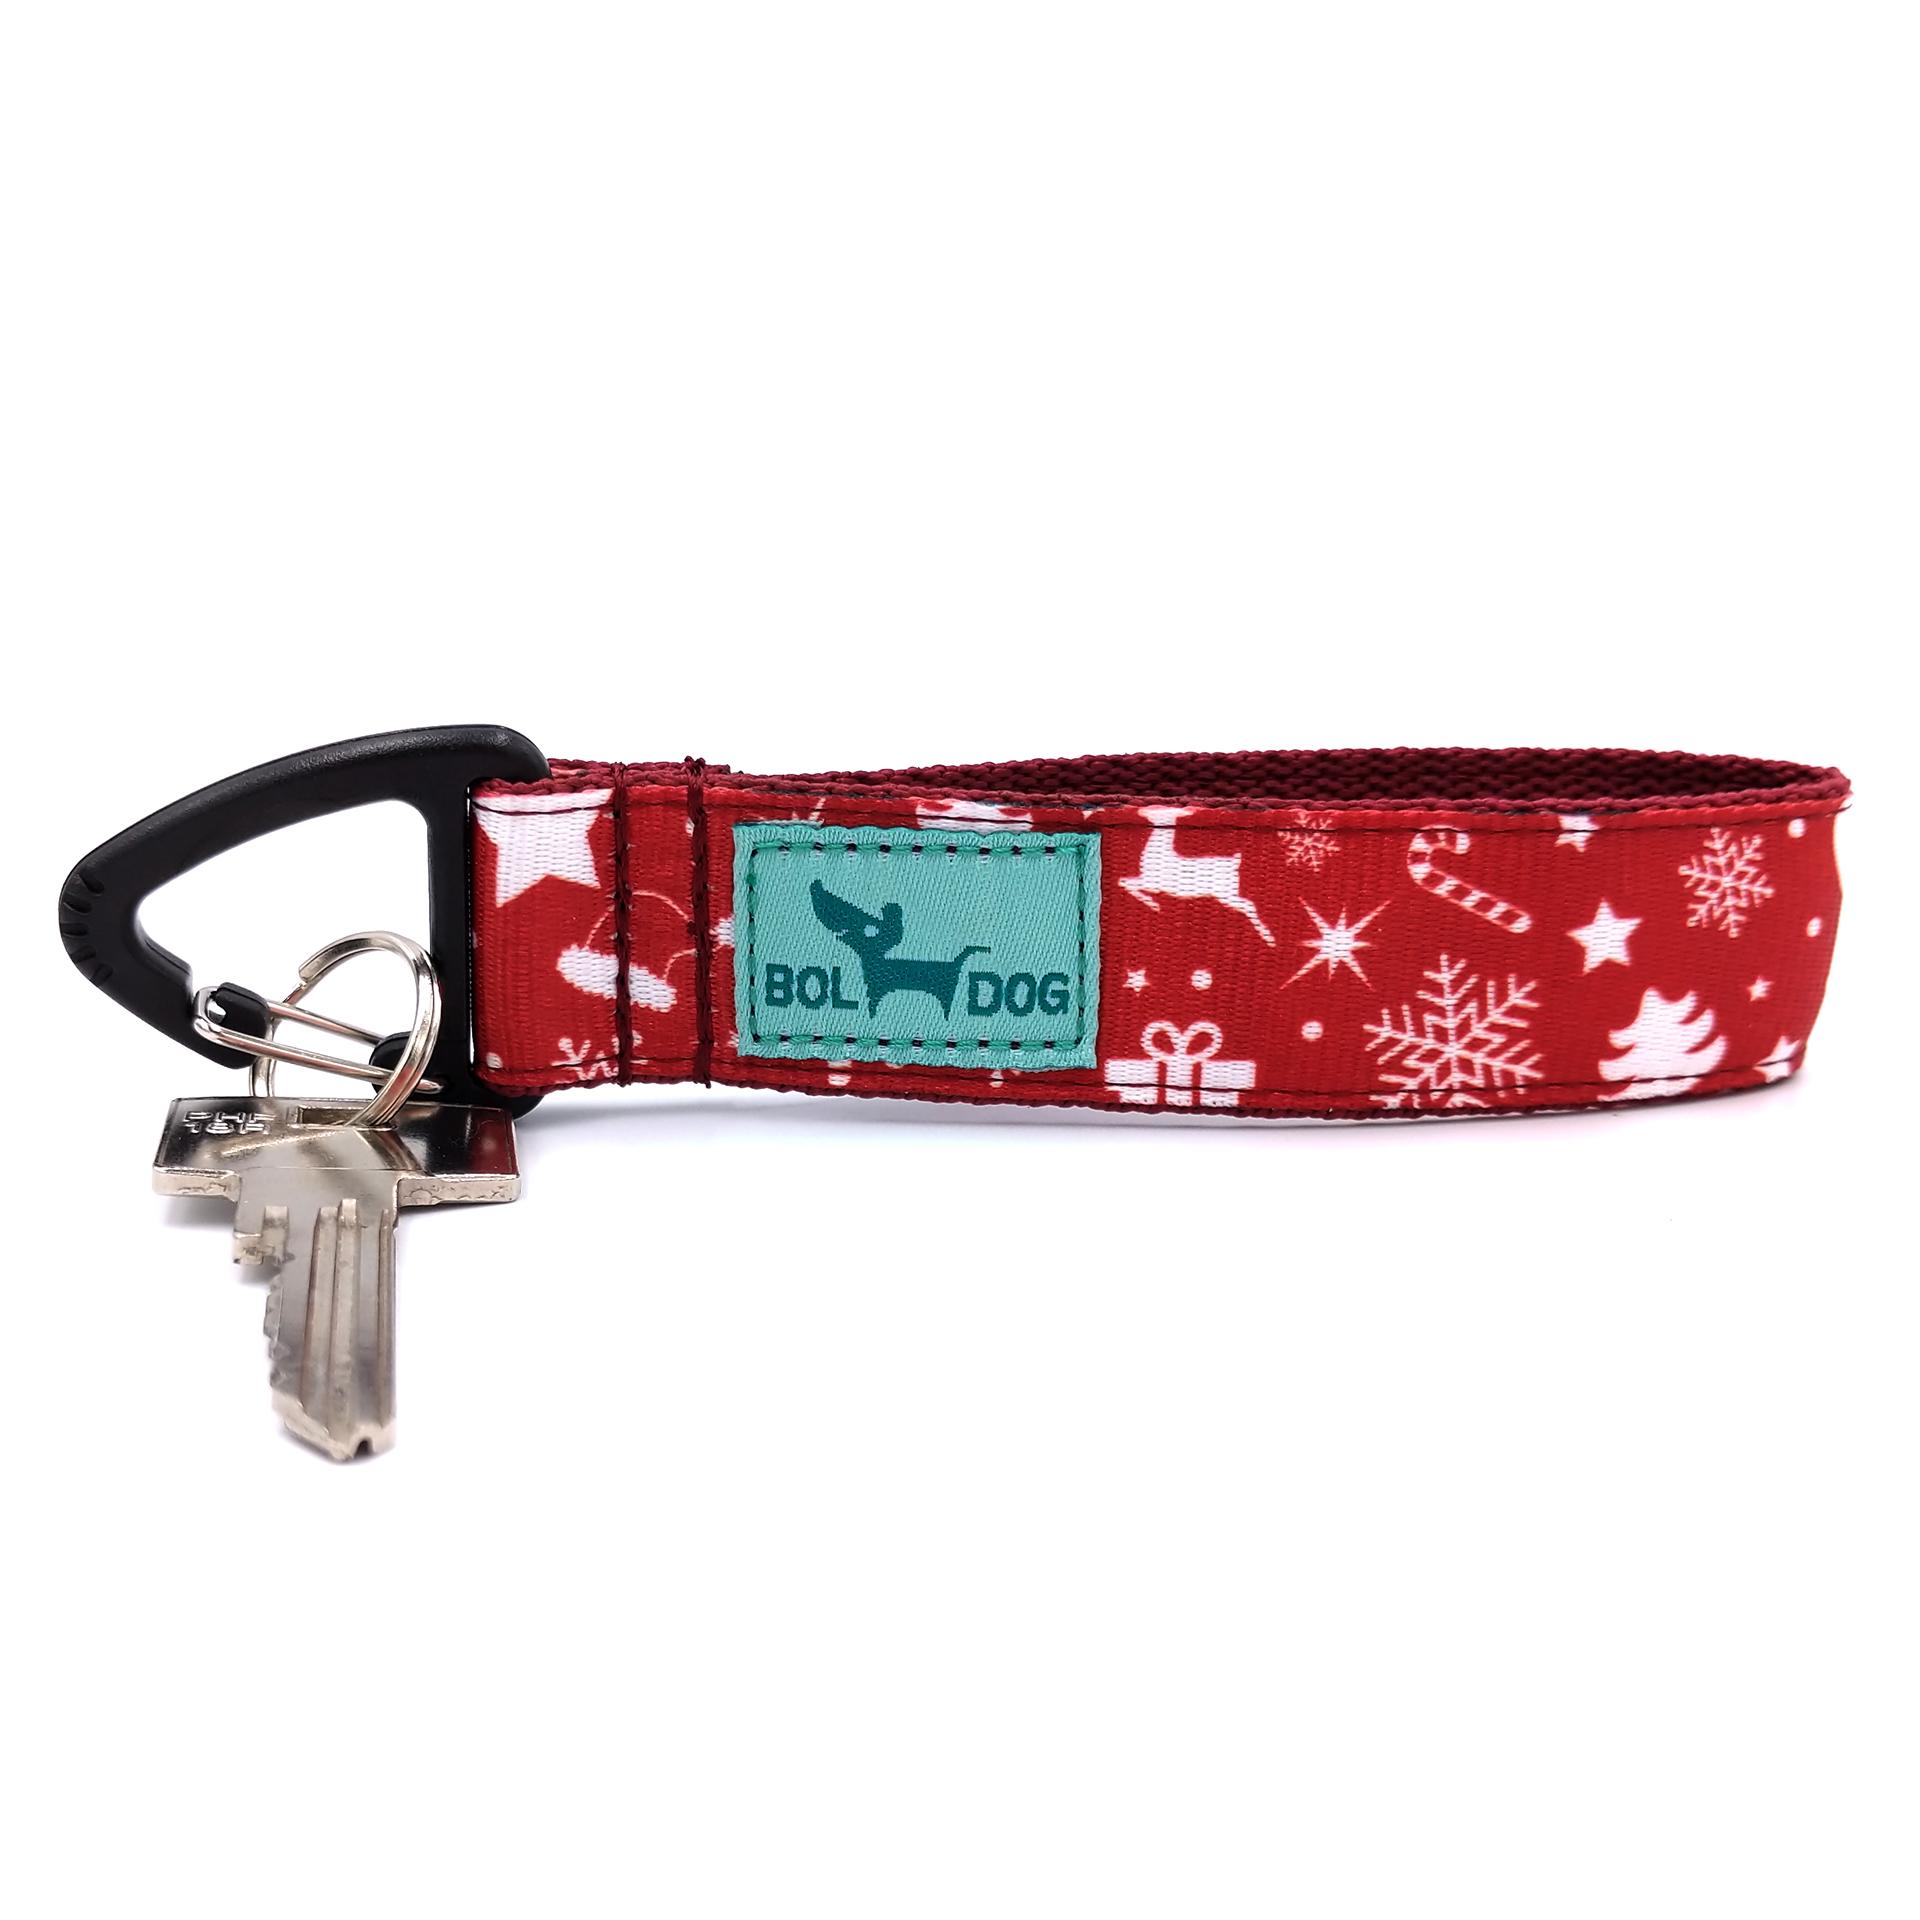 Classic key holder